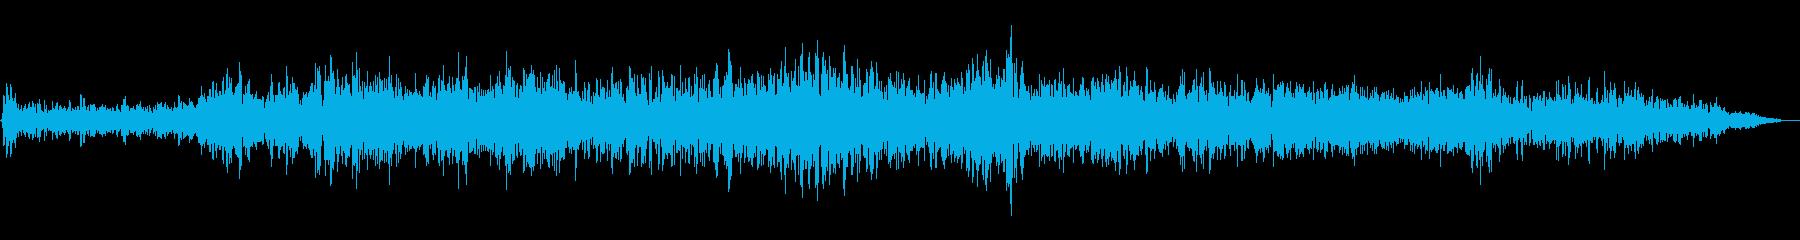 シューワー(通過音)の再生済みの波形